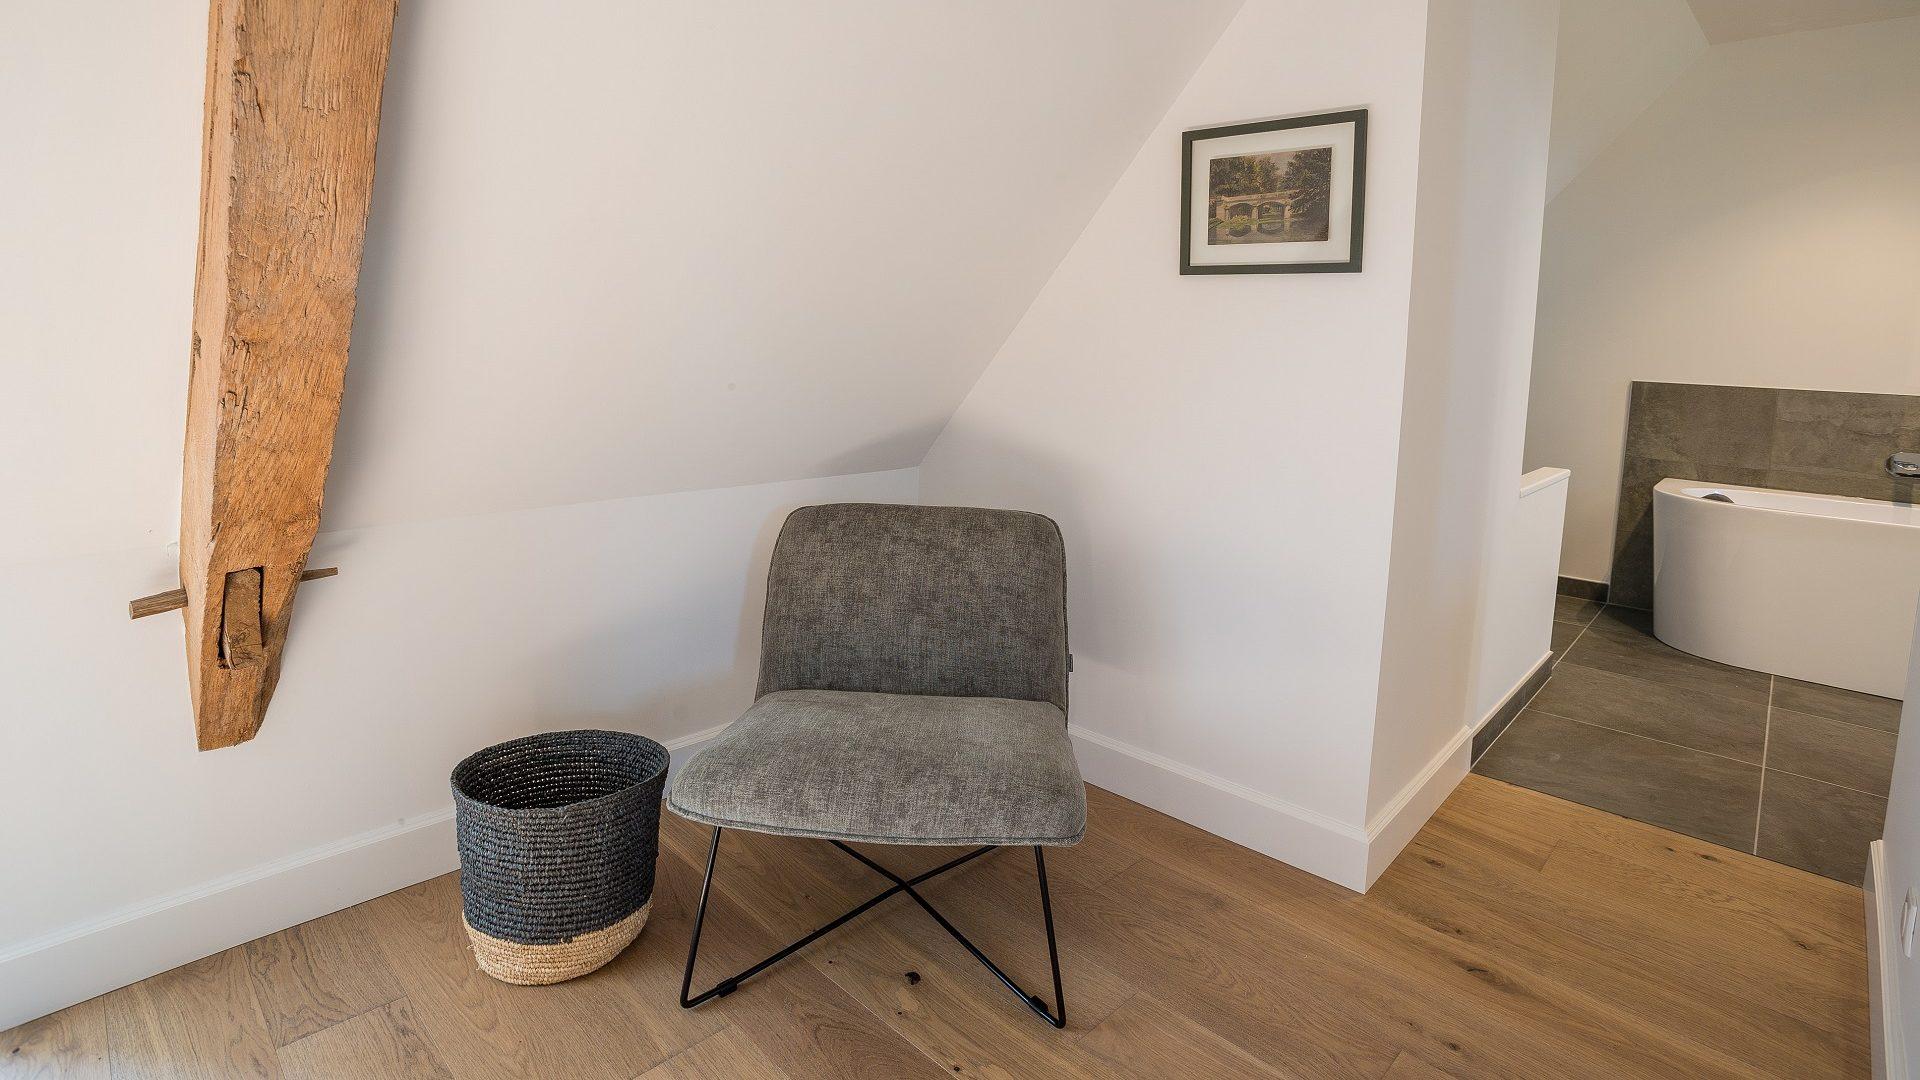 1093 - ch pierre de tuffeau  fauteuil IMGL1093